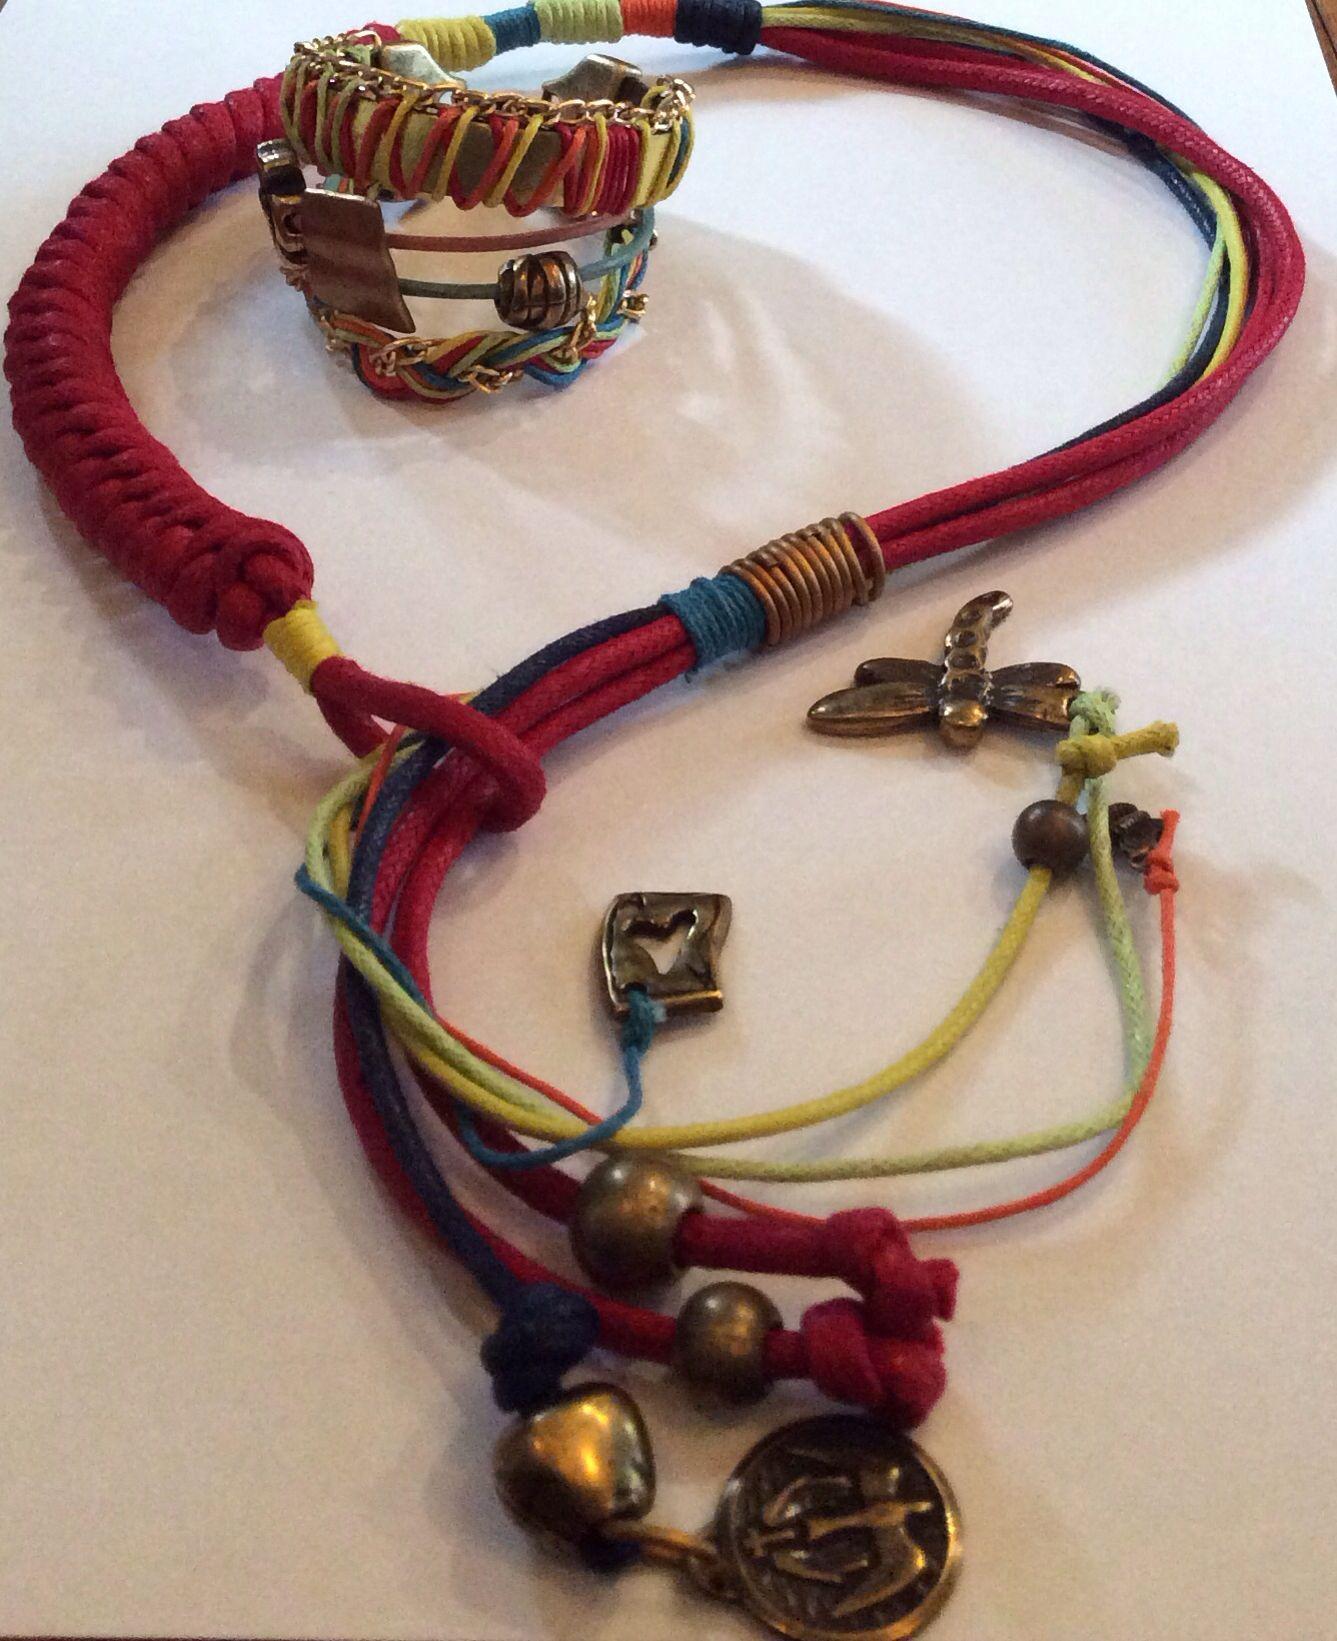 4986c6157c97 Collar con nudo de serpiente combinado con nudo franciscano. Pulsera con  cuero plano bordado y piezas de Zamak. Materiales de Farfalla